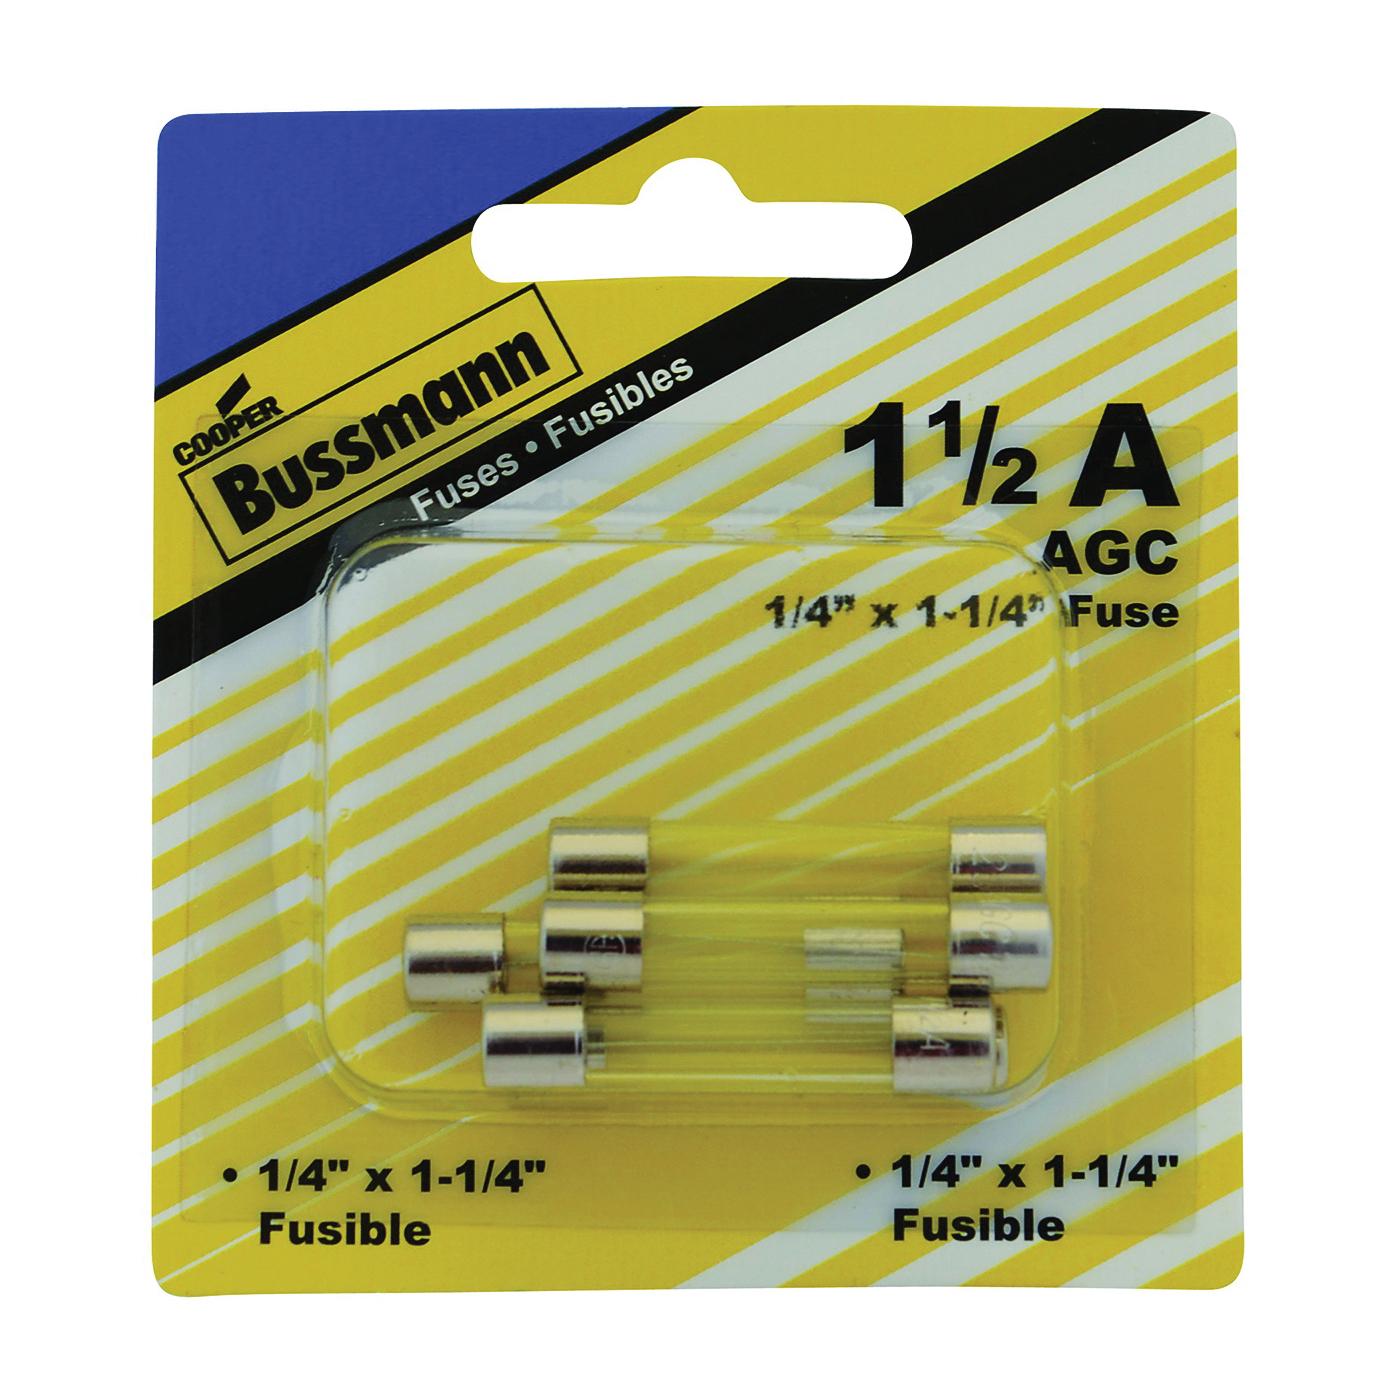 Picture of Bussmann BP/AGC-1-1/2-RP Tube Fuse, 250 V, 1.5 A, 10 kA at 125 VAC, 100 A at 250 VAC Interrupt